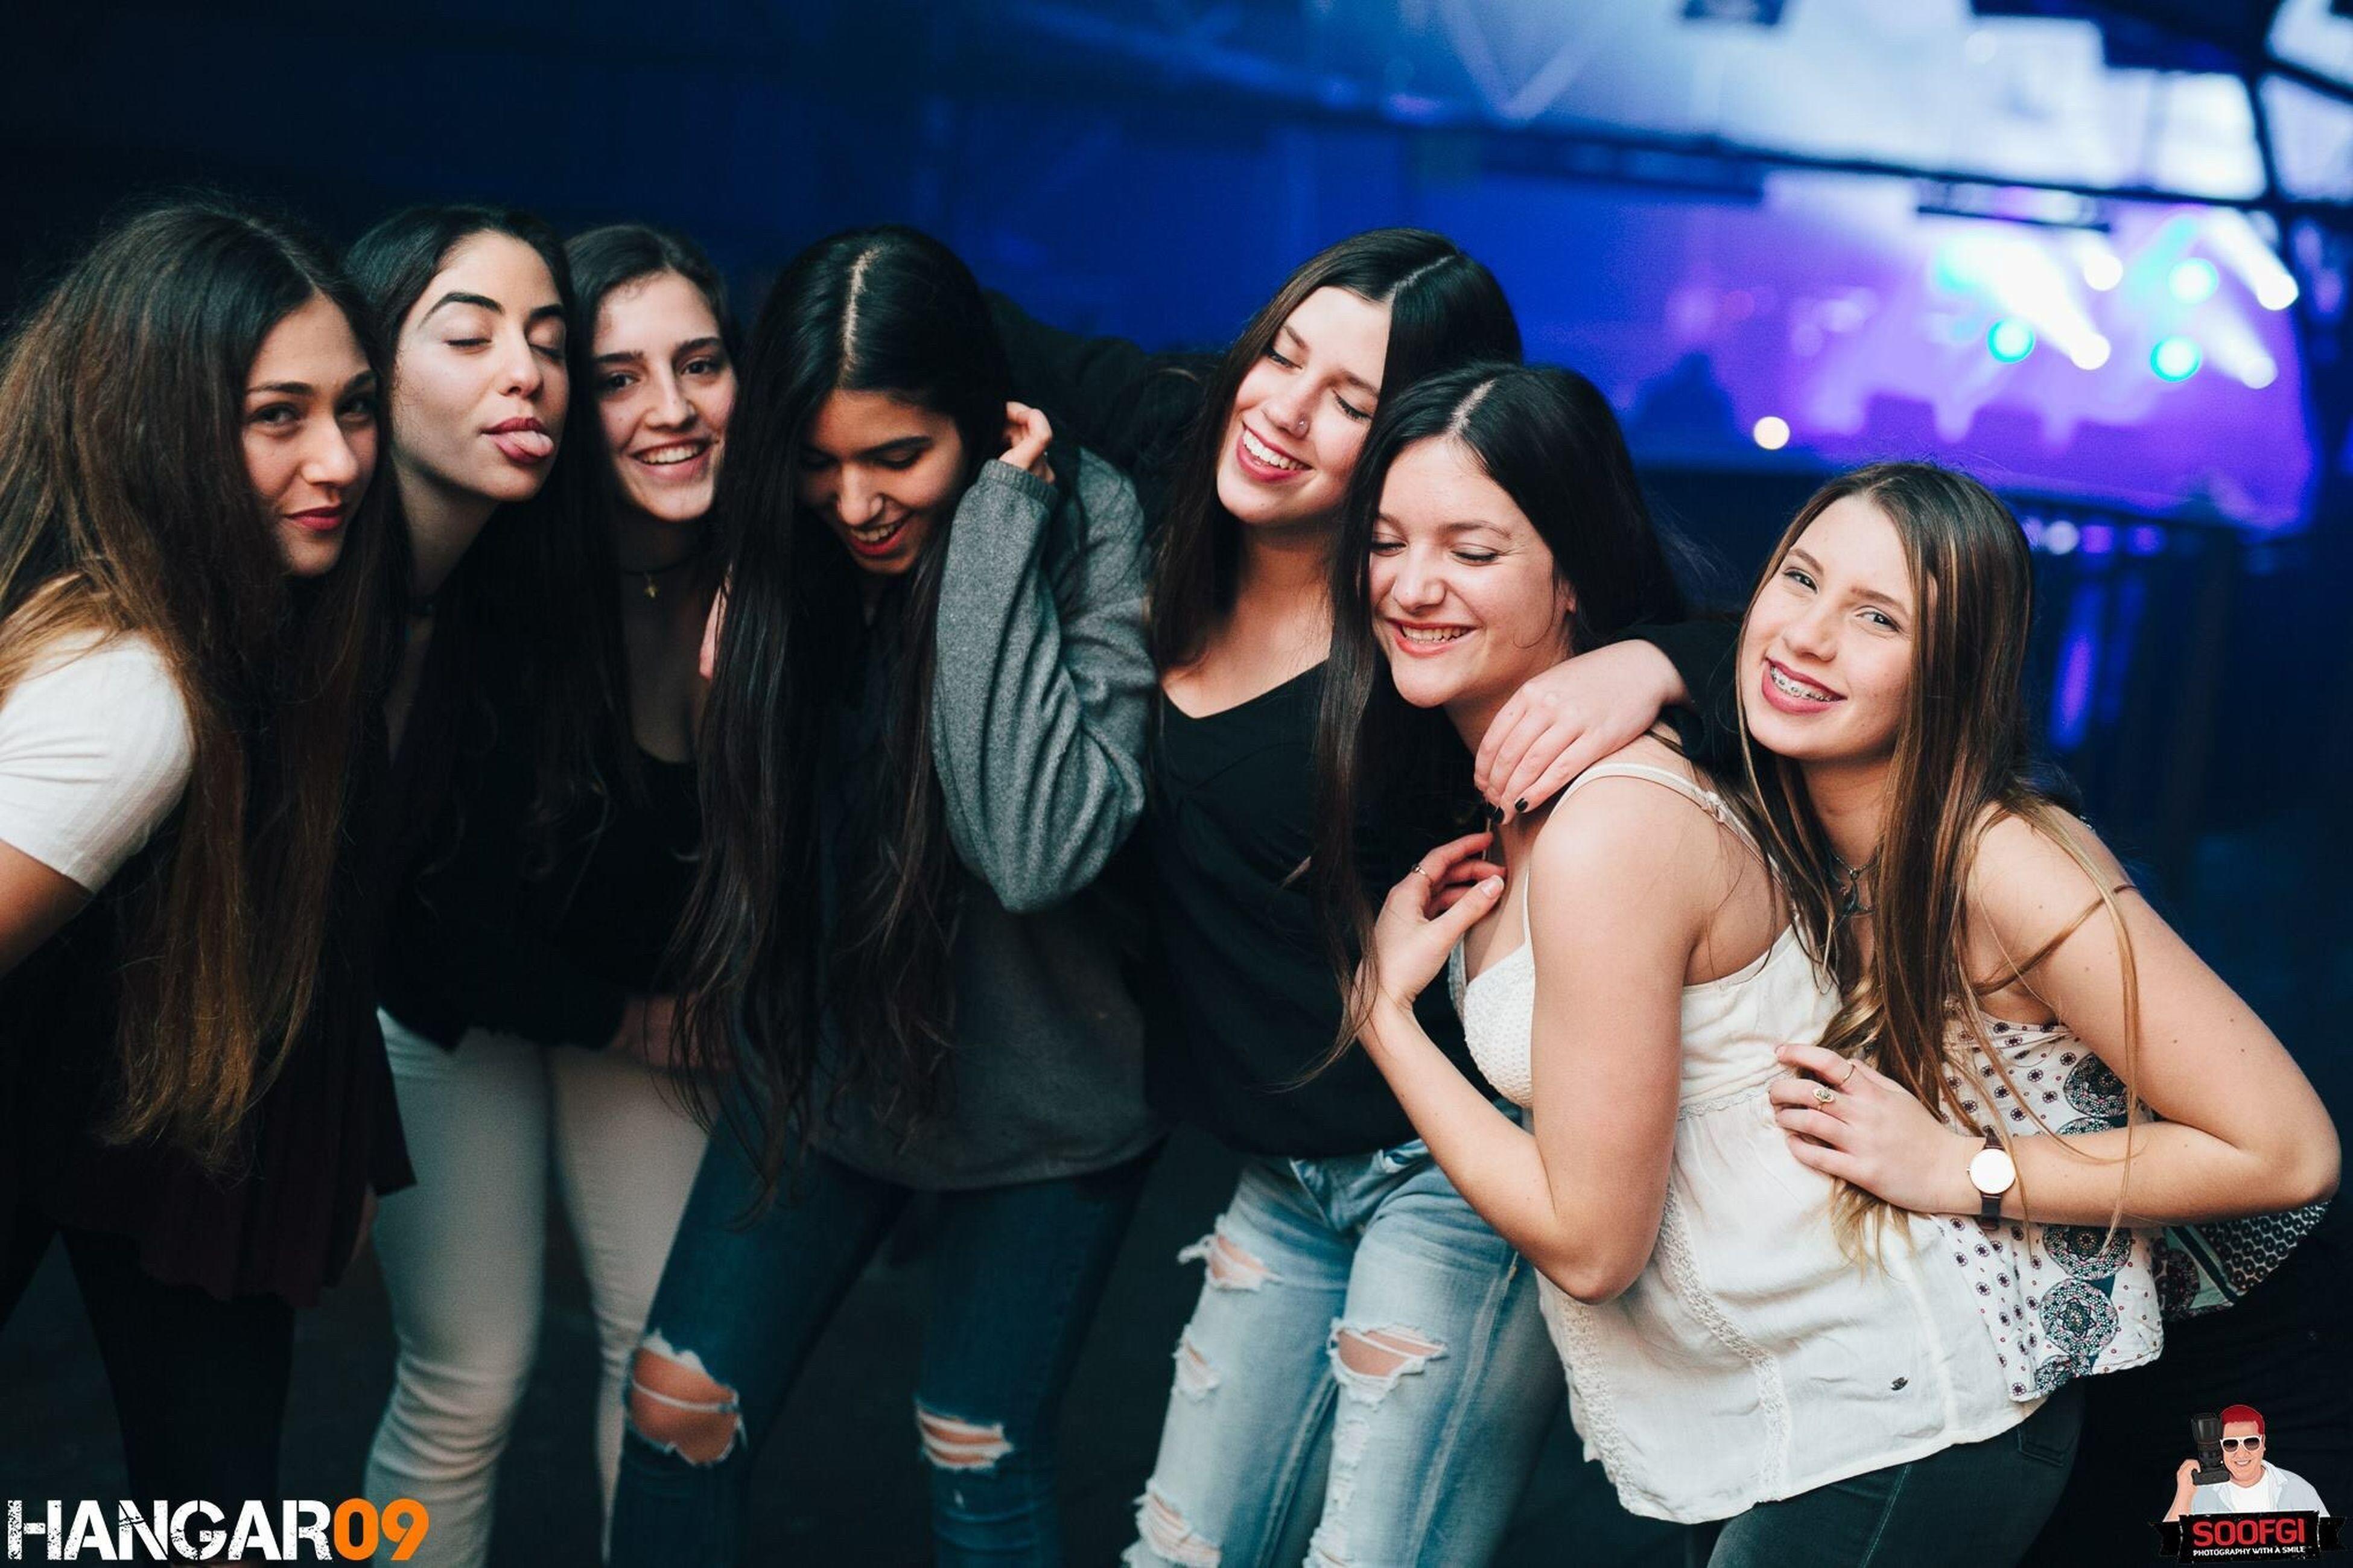 בנות כ״ו חברות מסיבות